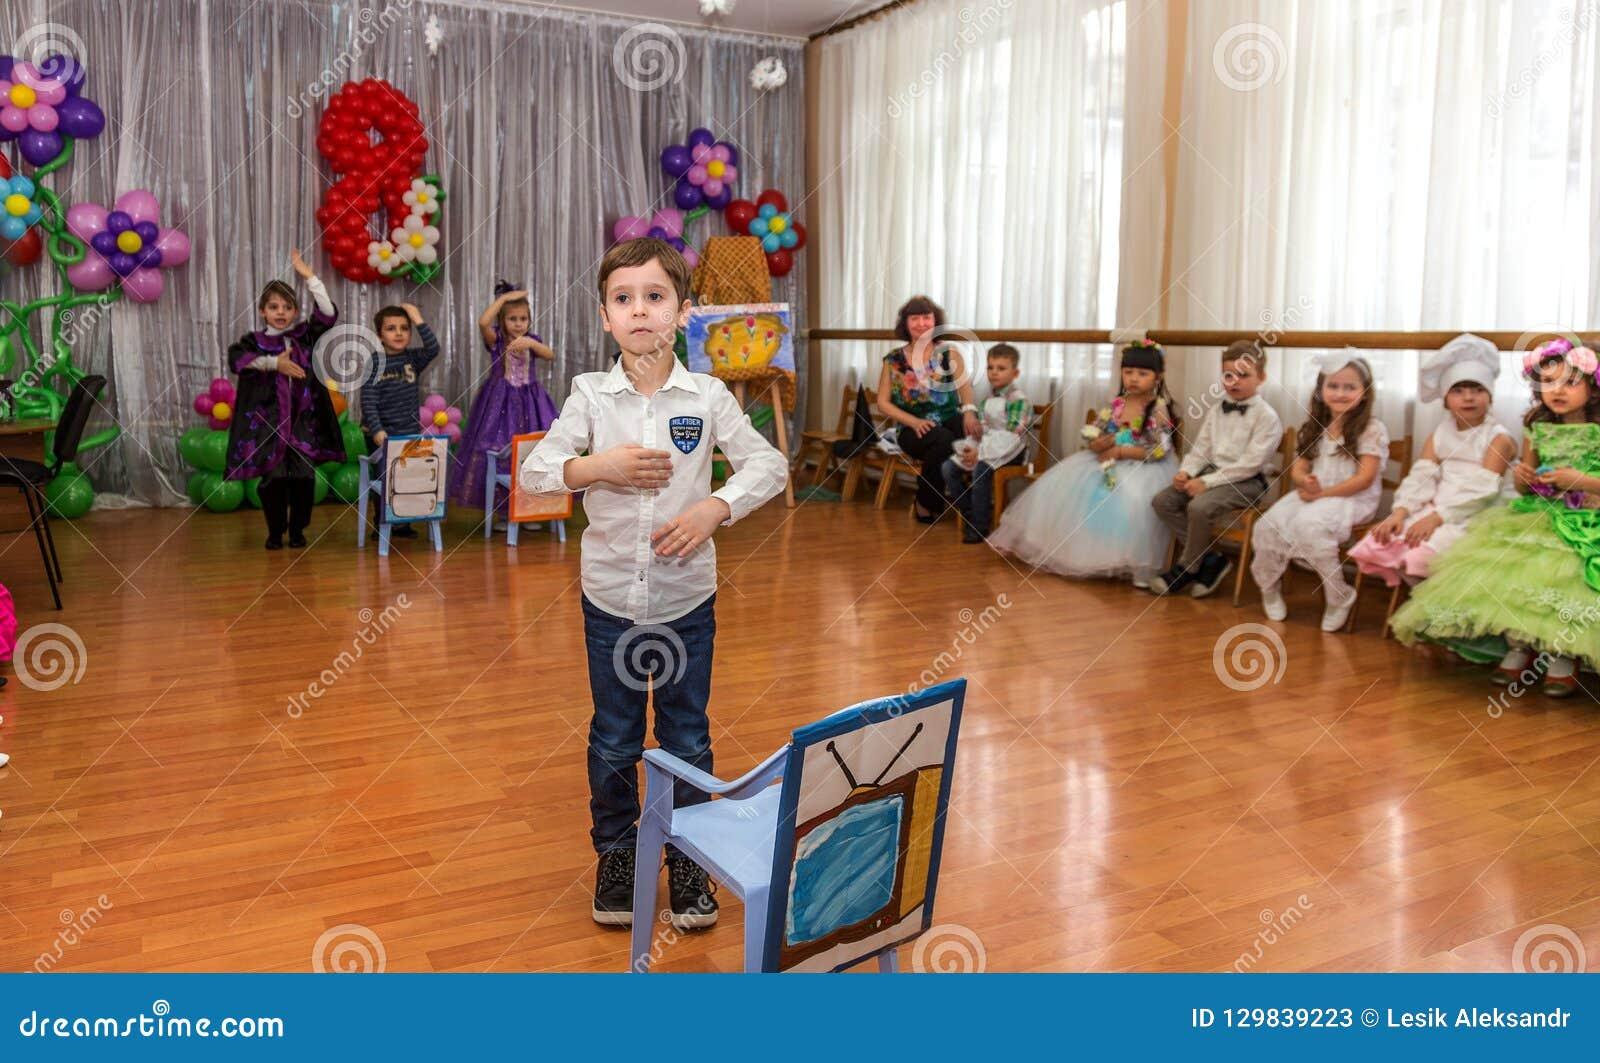 Odessa, Ukraine - March 4, 2016: children`s music groups singing